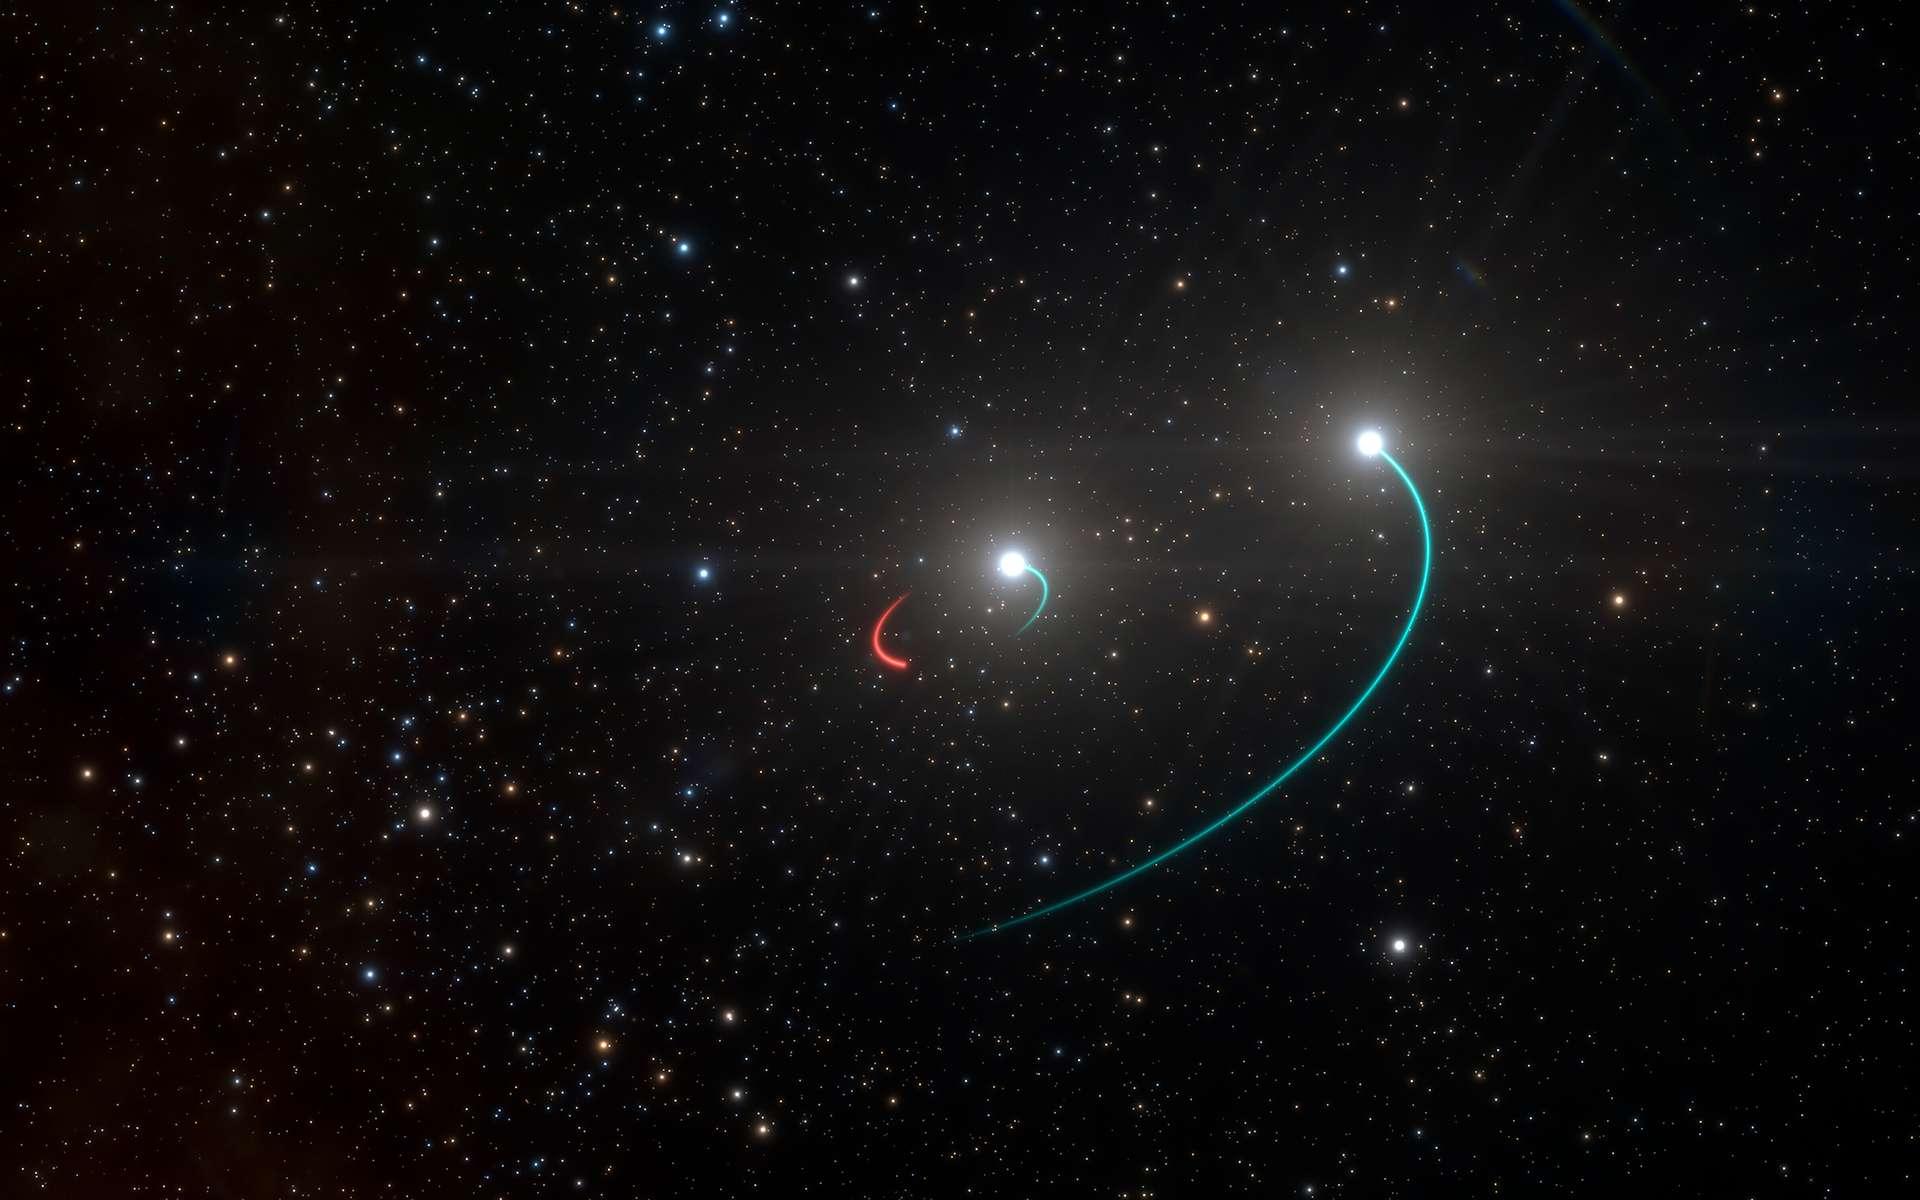 Découverte du trou noir le plus proche de la Terre !